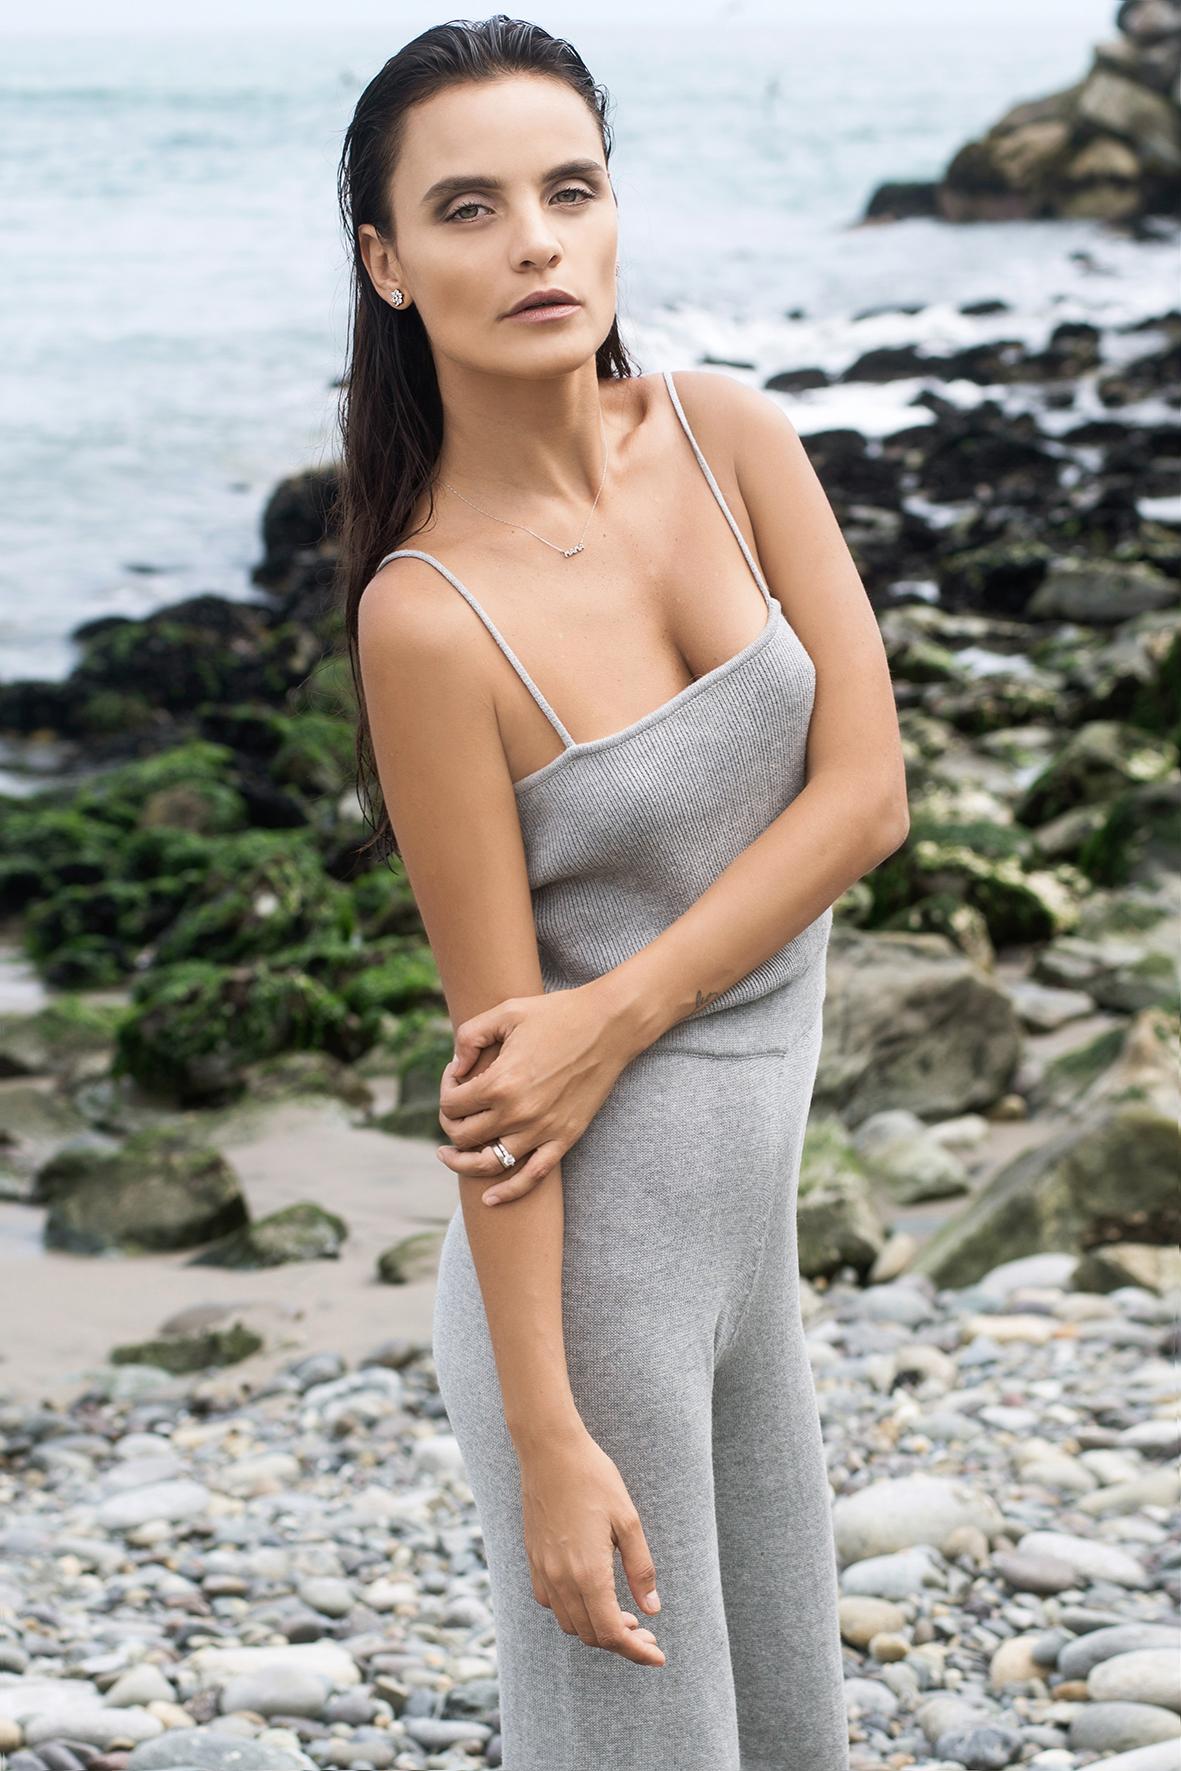 giuliana weston - modelo peruana - perú - peru moda -  fashion photography - costa verde -  004.jpg